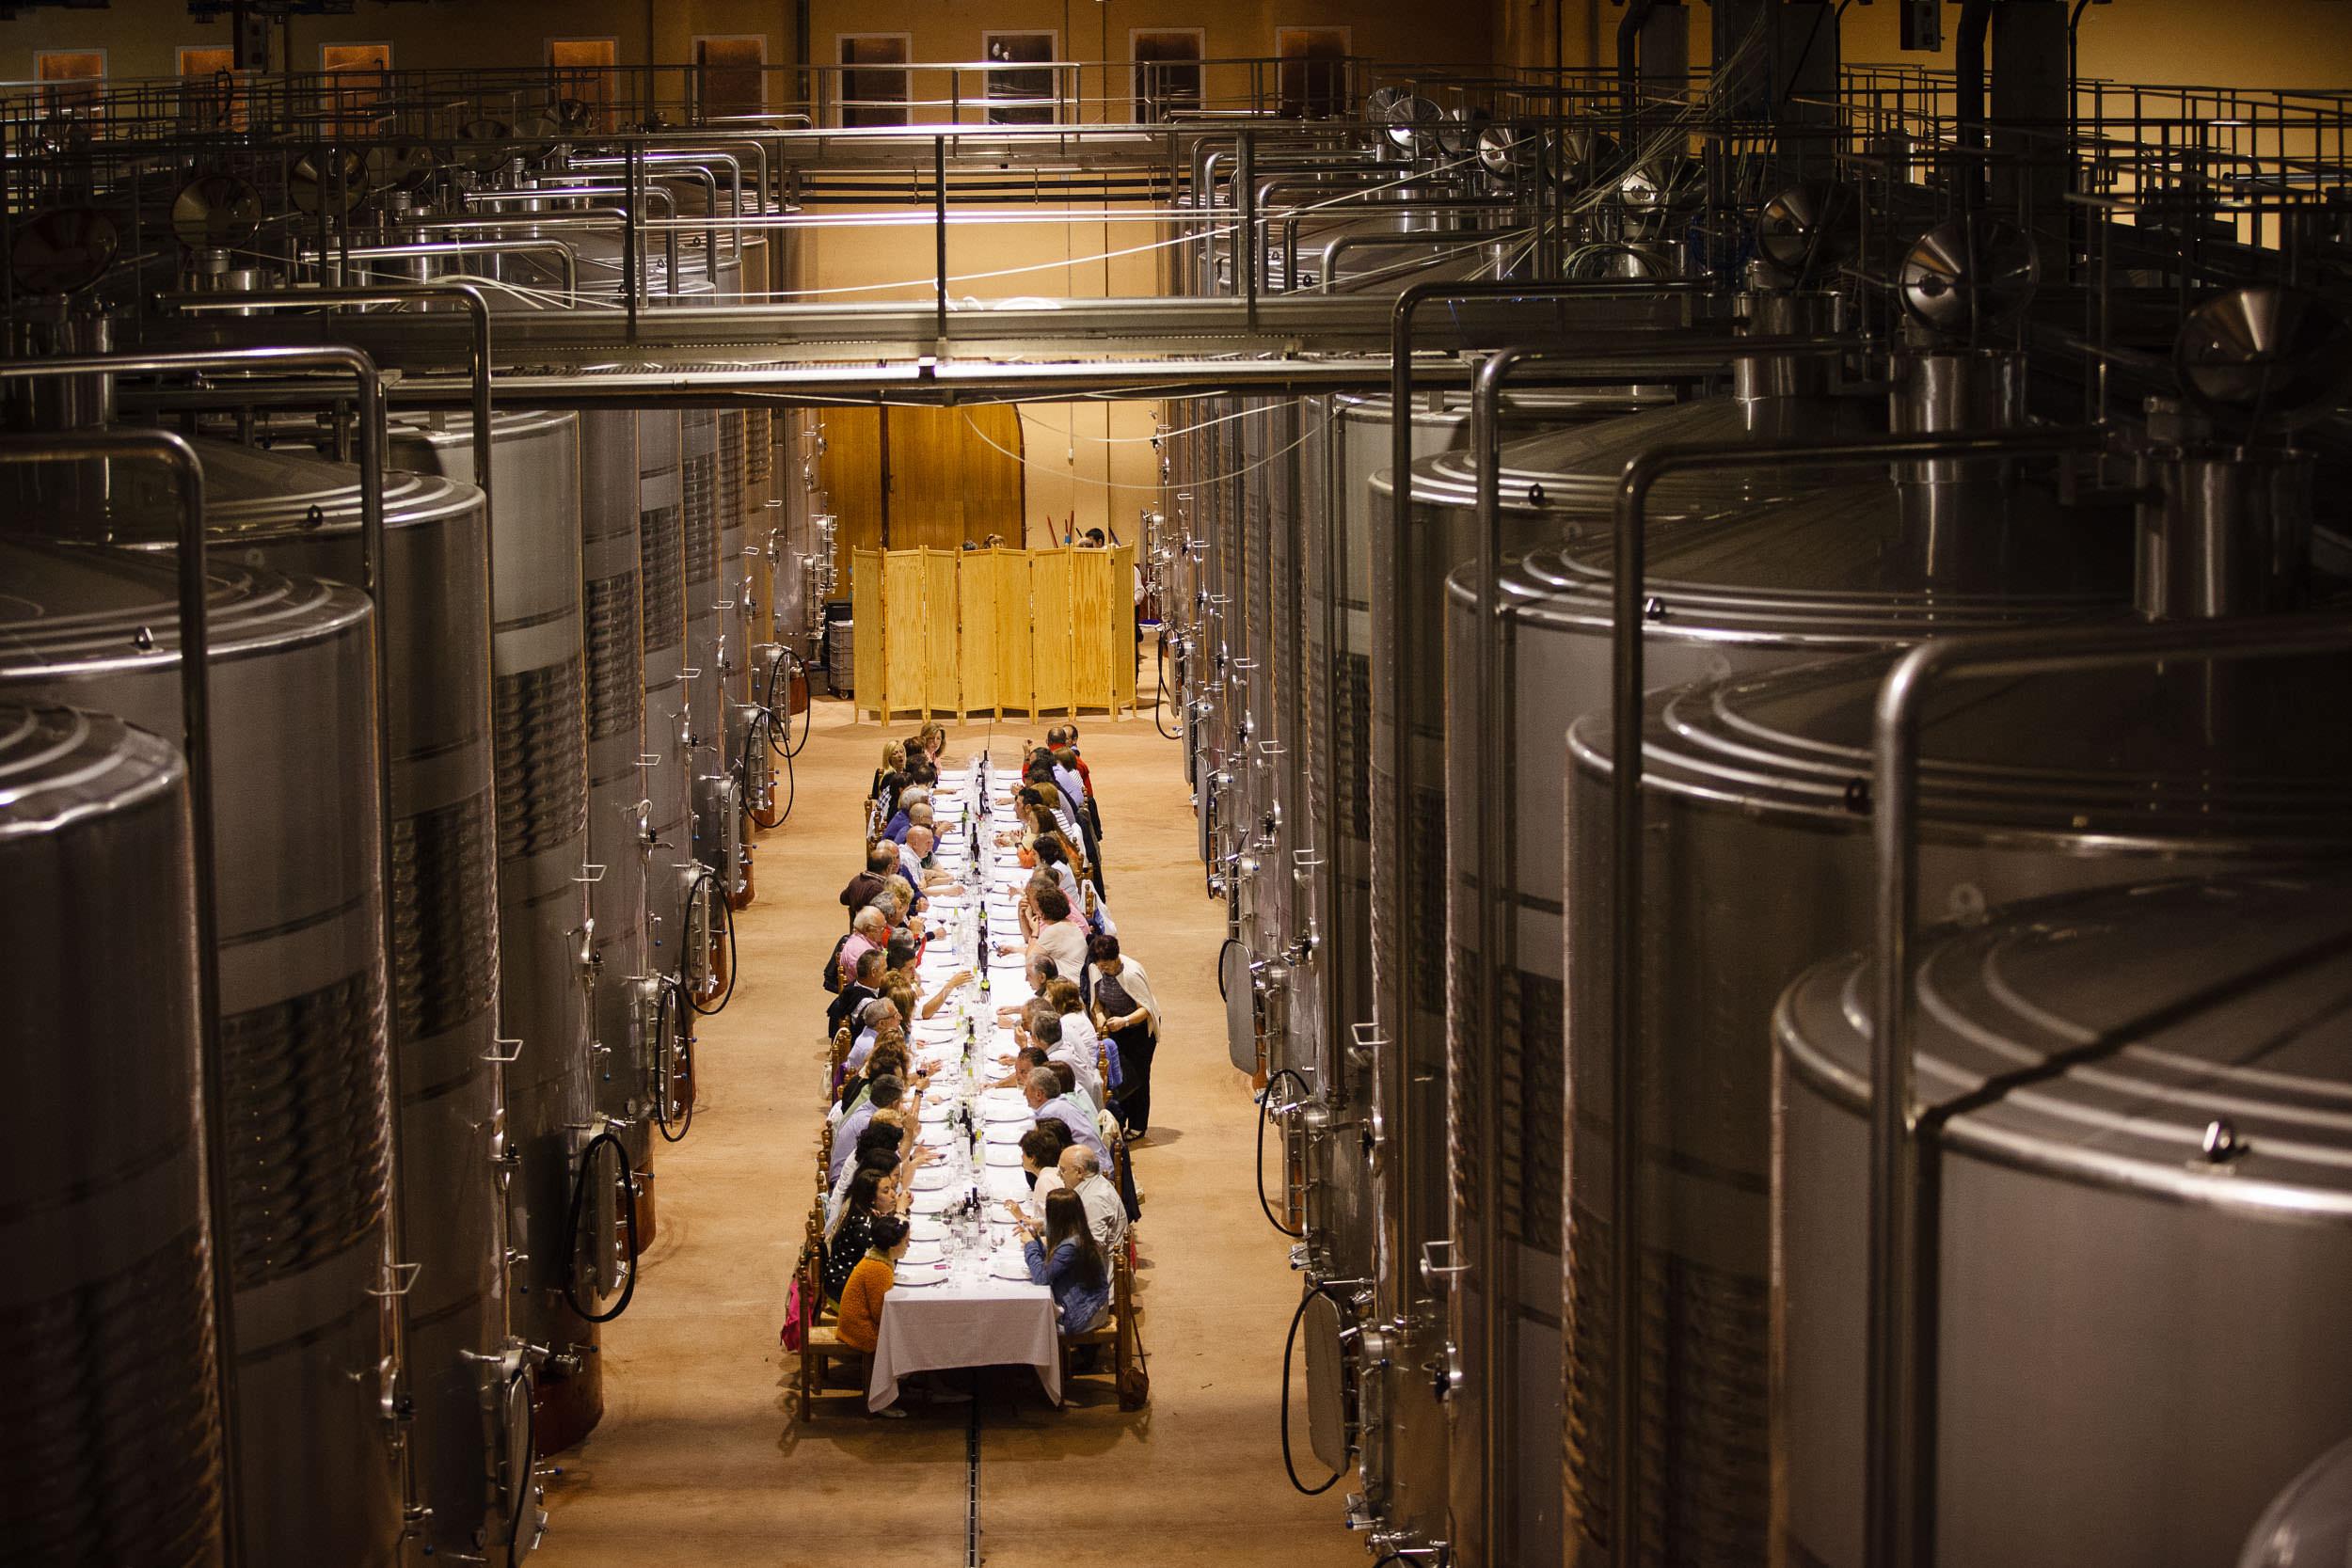 Fotografía comercial La Rioja y Pais Vasco Espana - James Sturcke | sturcke.org_018.jpg